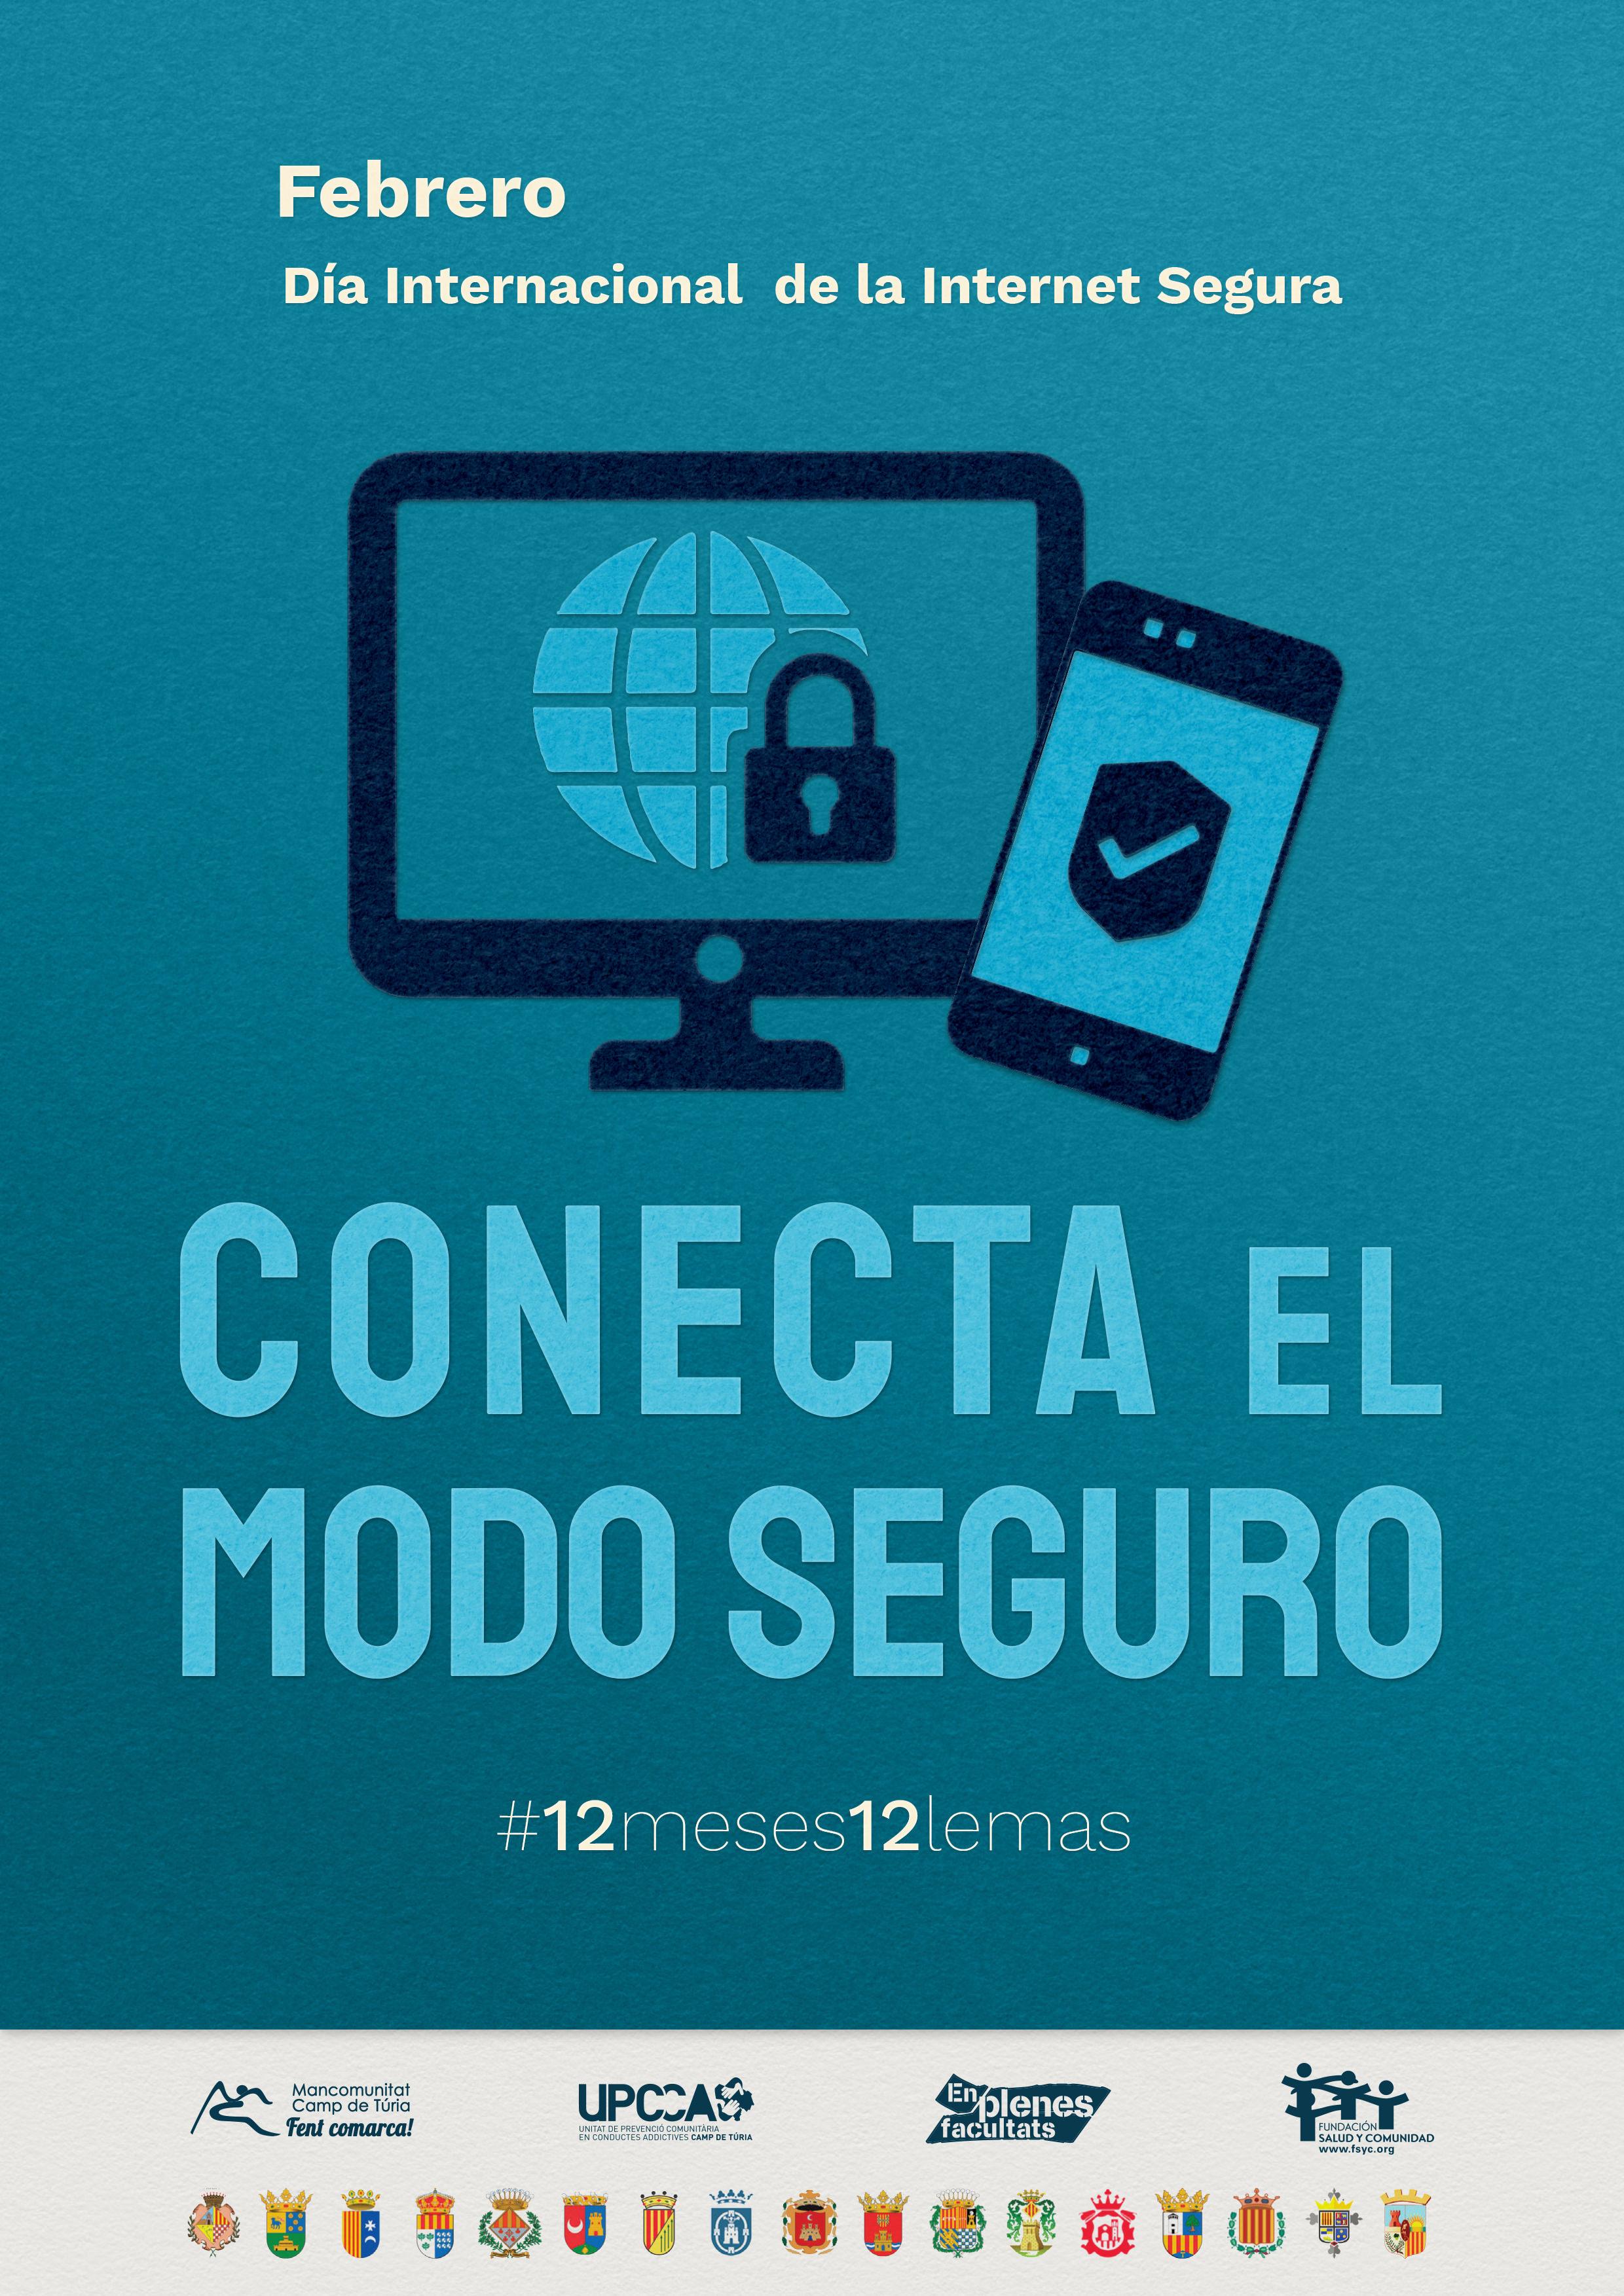 Loriguilla se suma a la campaña #12Meses12Lemas de la UPCCA y anima a la ciudadanía a disfrutar de Internet de un modo seguro